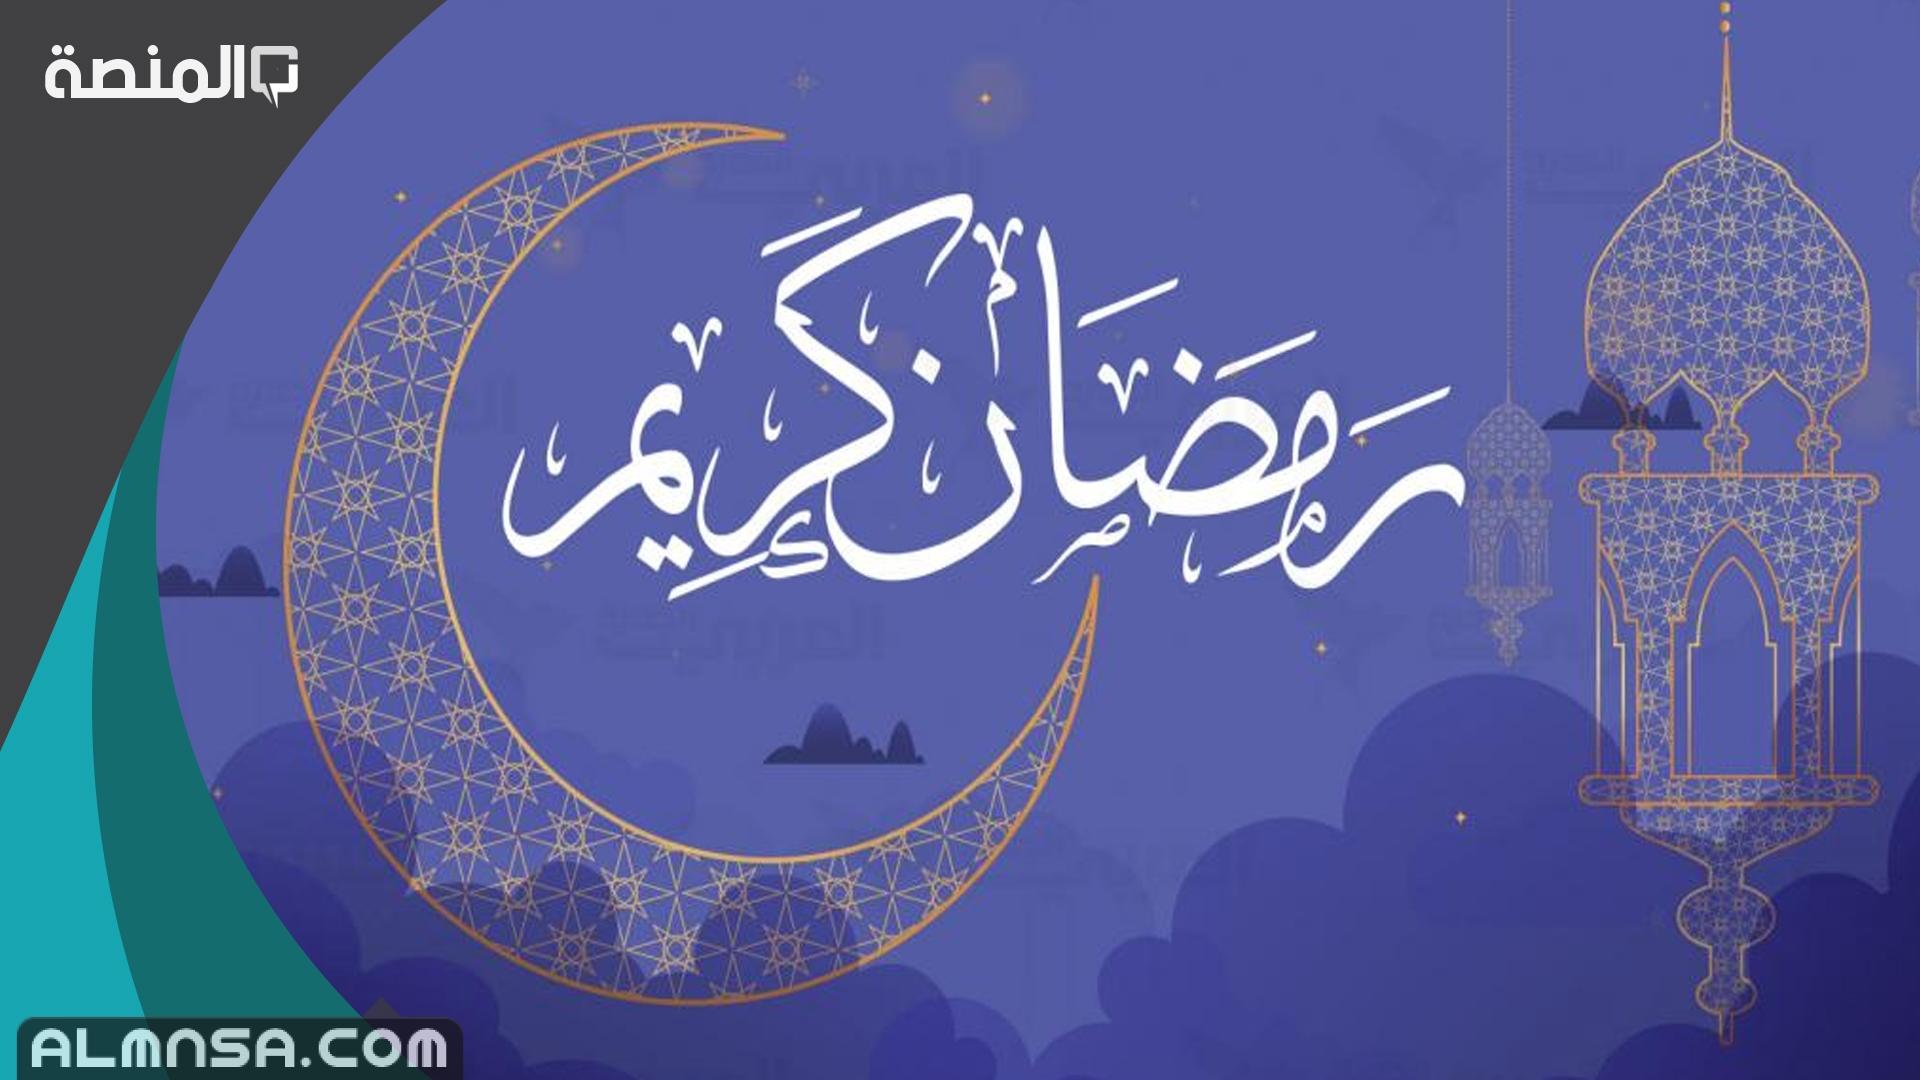 رد مبارك عليكم شهر رمضان المنصة